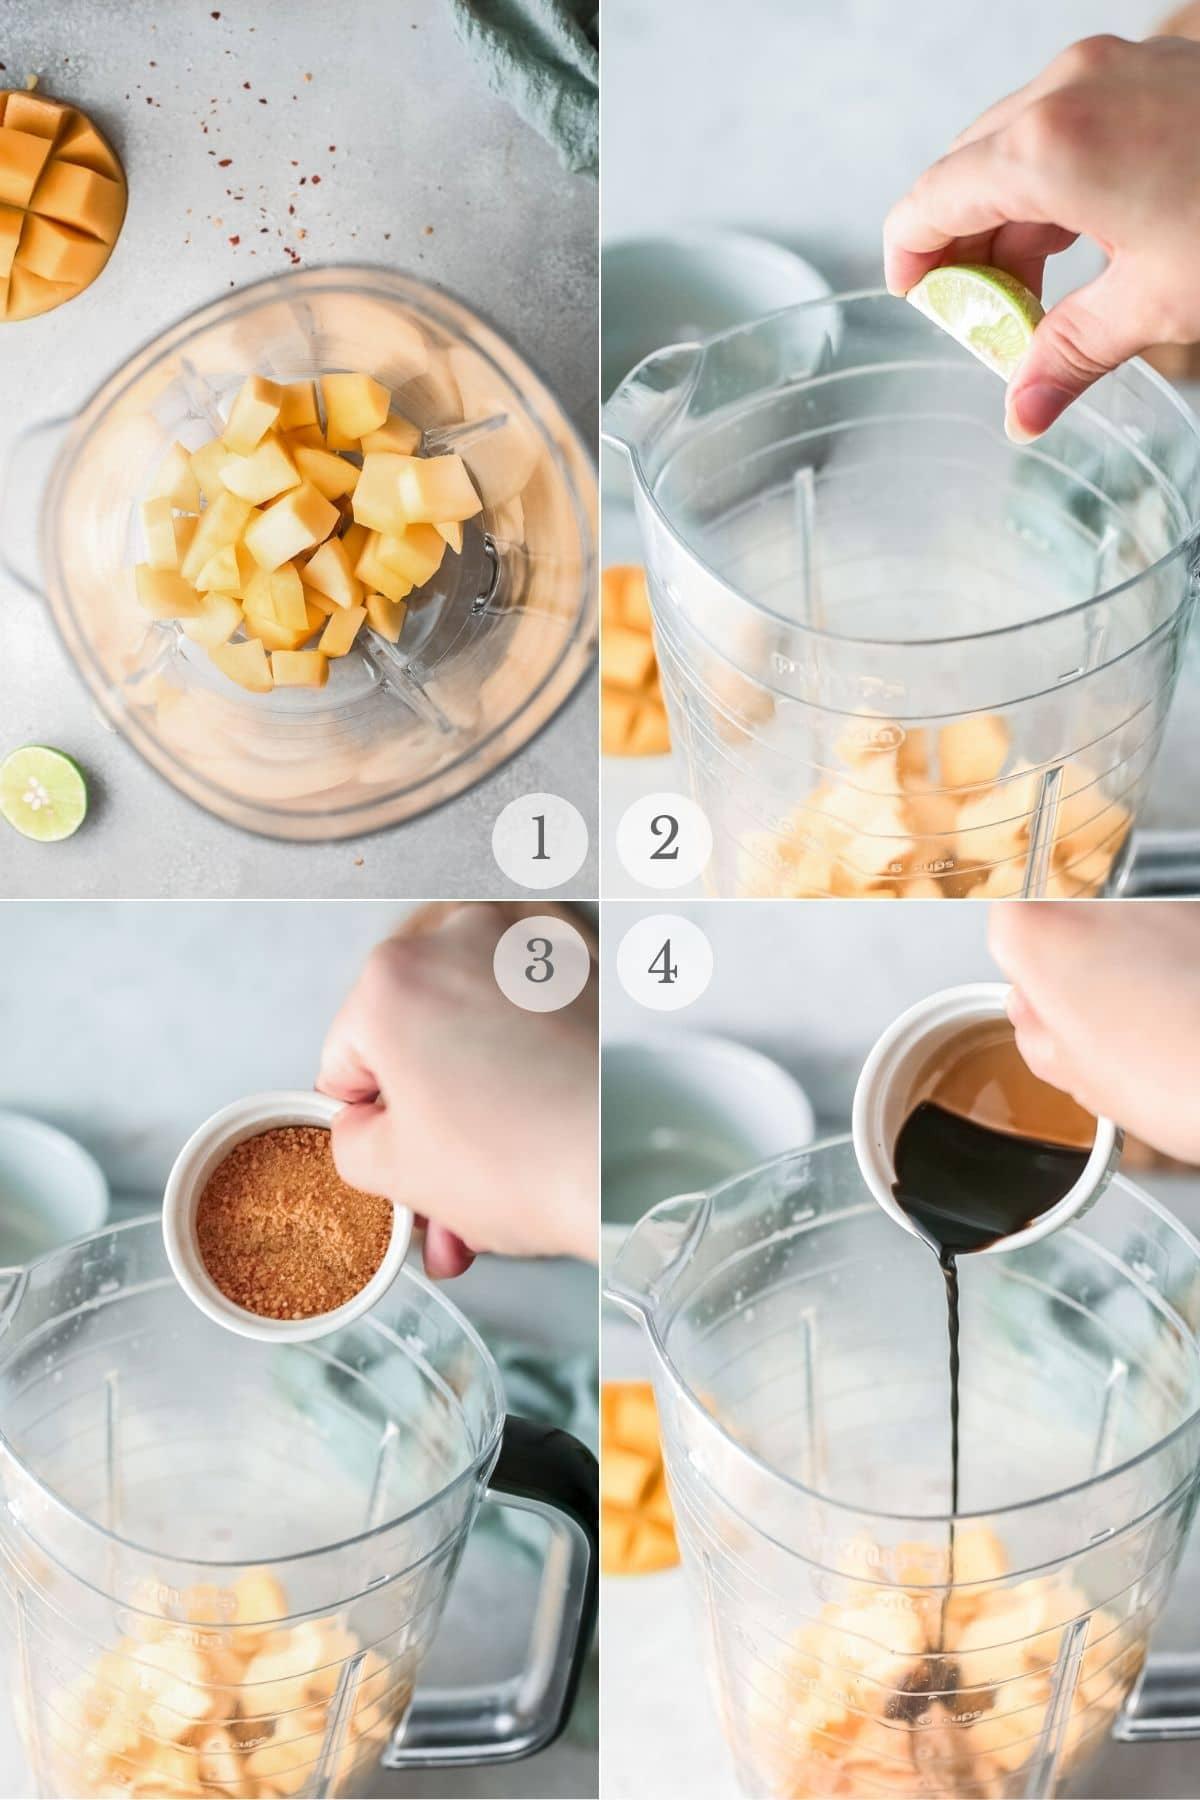 mango chicken recipe steps 1-4